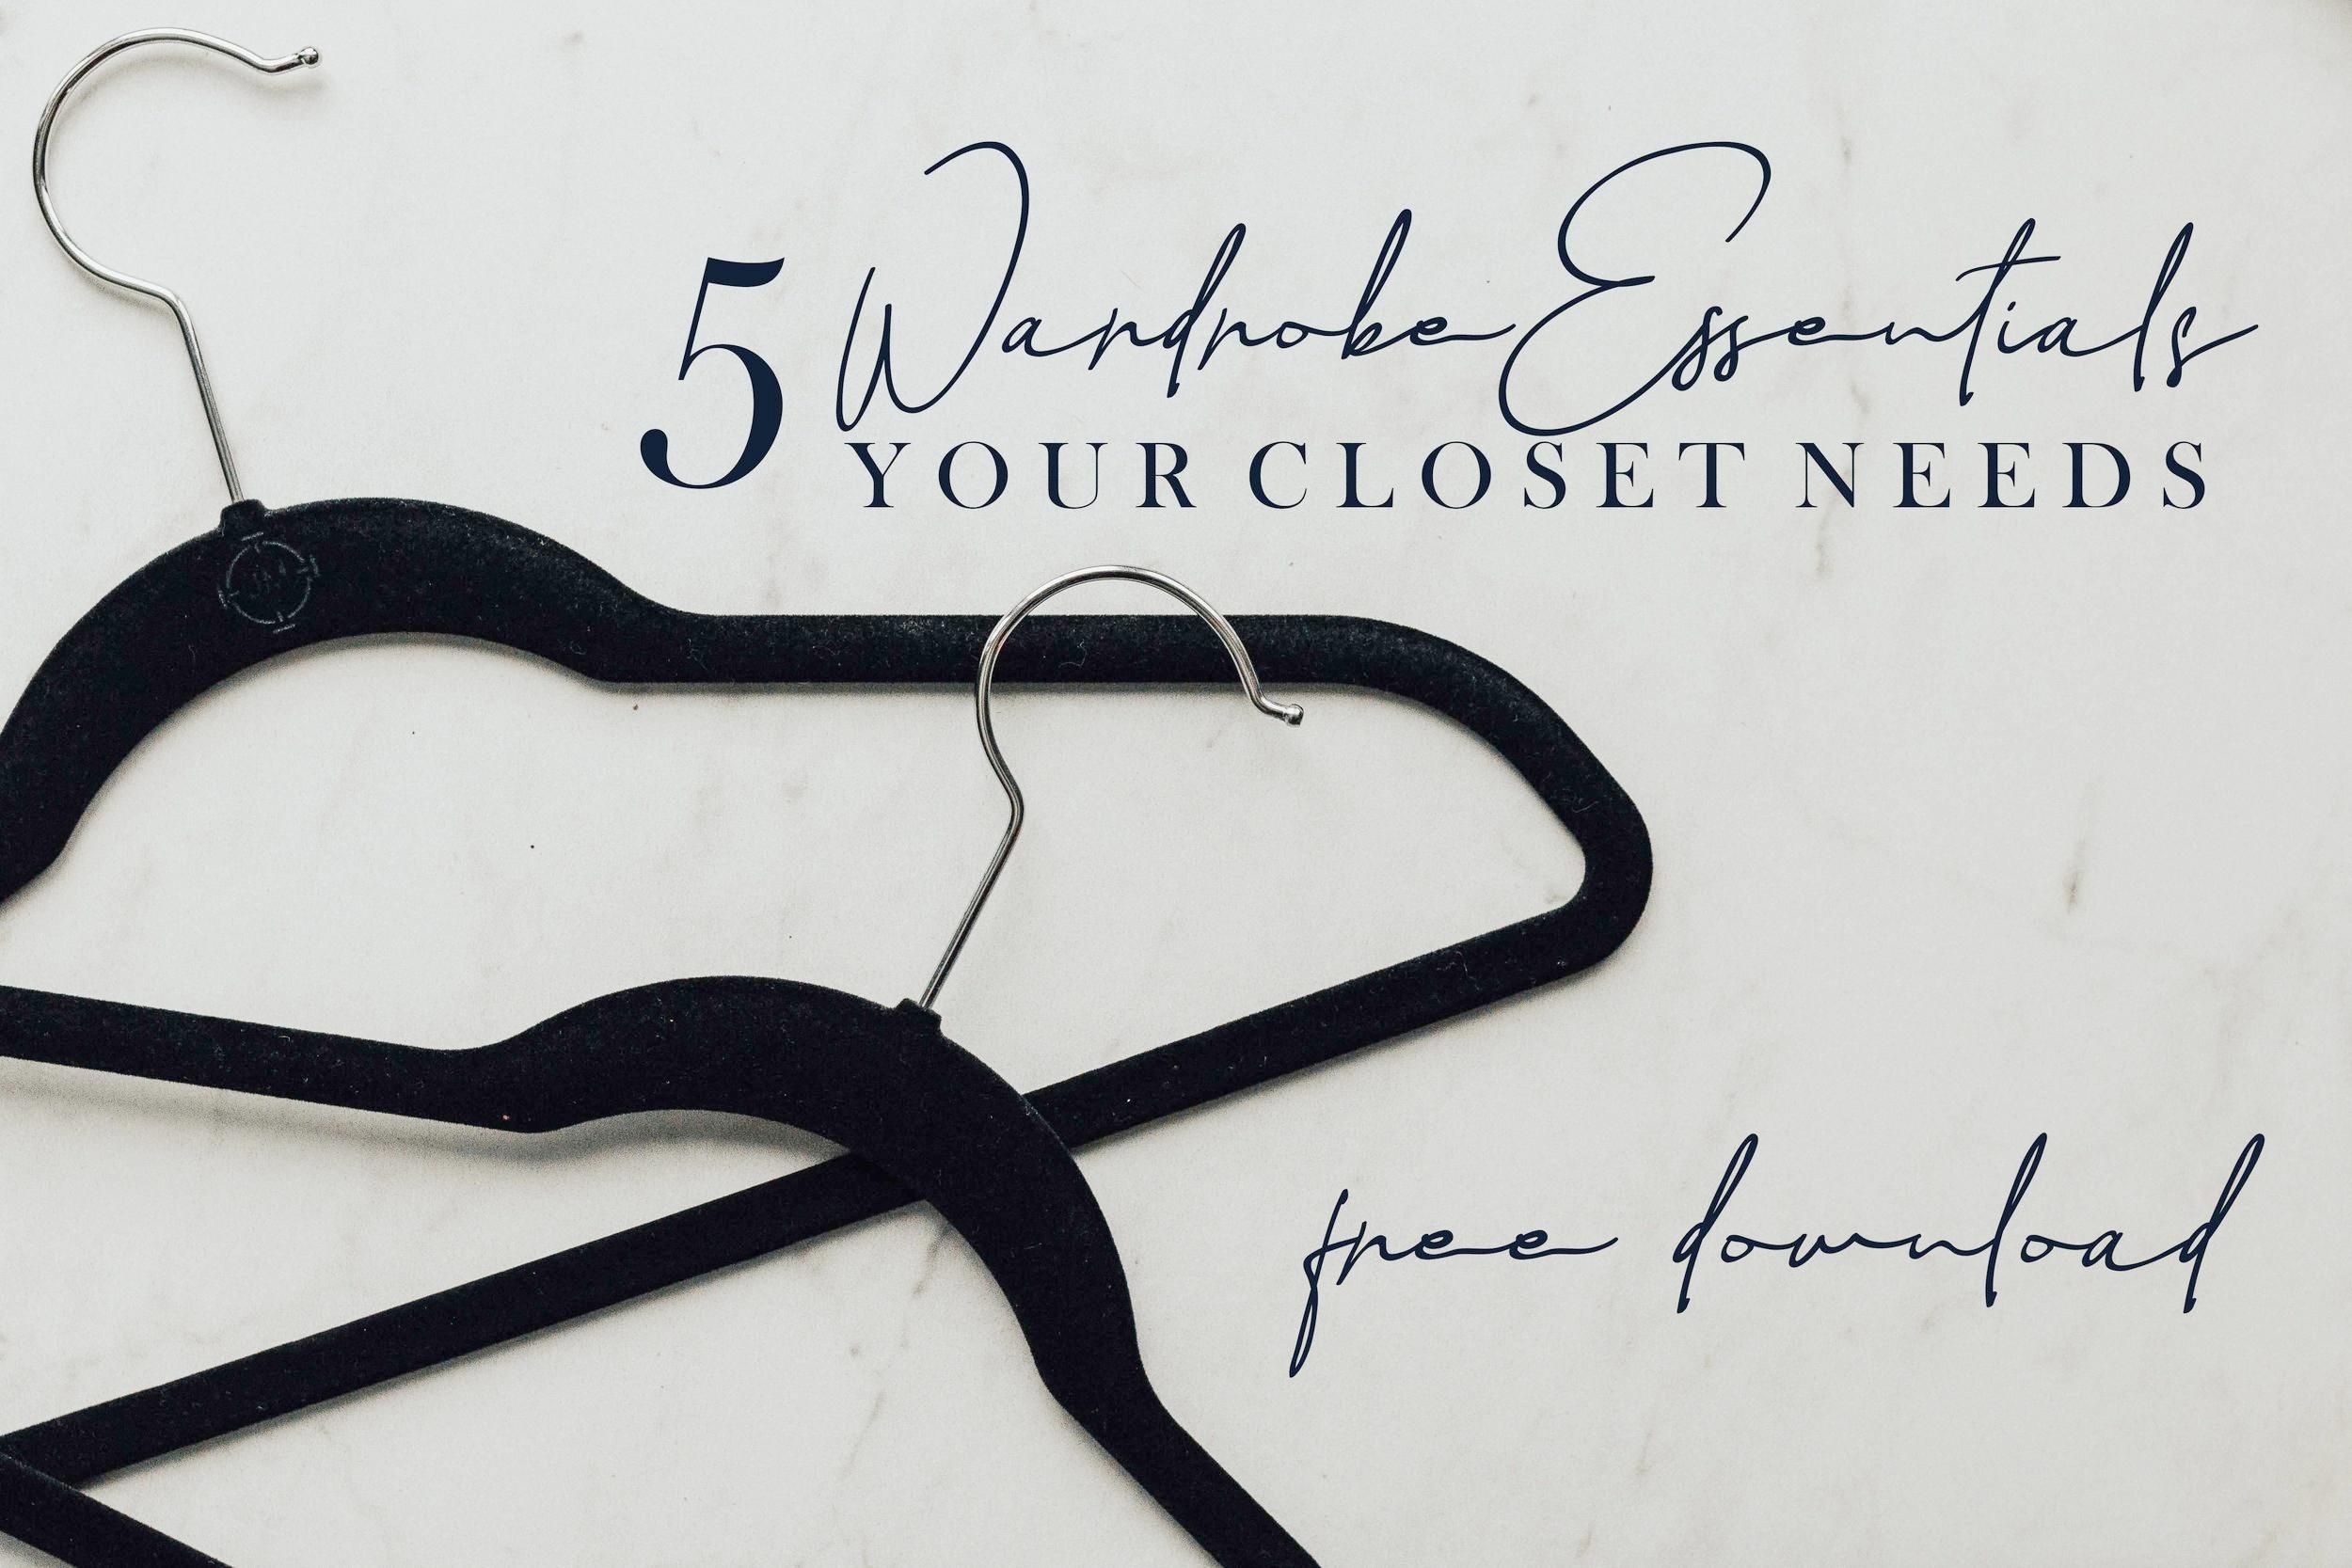 Wardrobe Essentials- Closet Essentials- Women's Fashion- Heart and Seam Style Blog- www.heartandseam.com - #hearandseam #wardrobeessentials